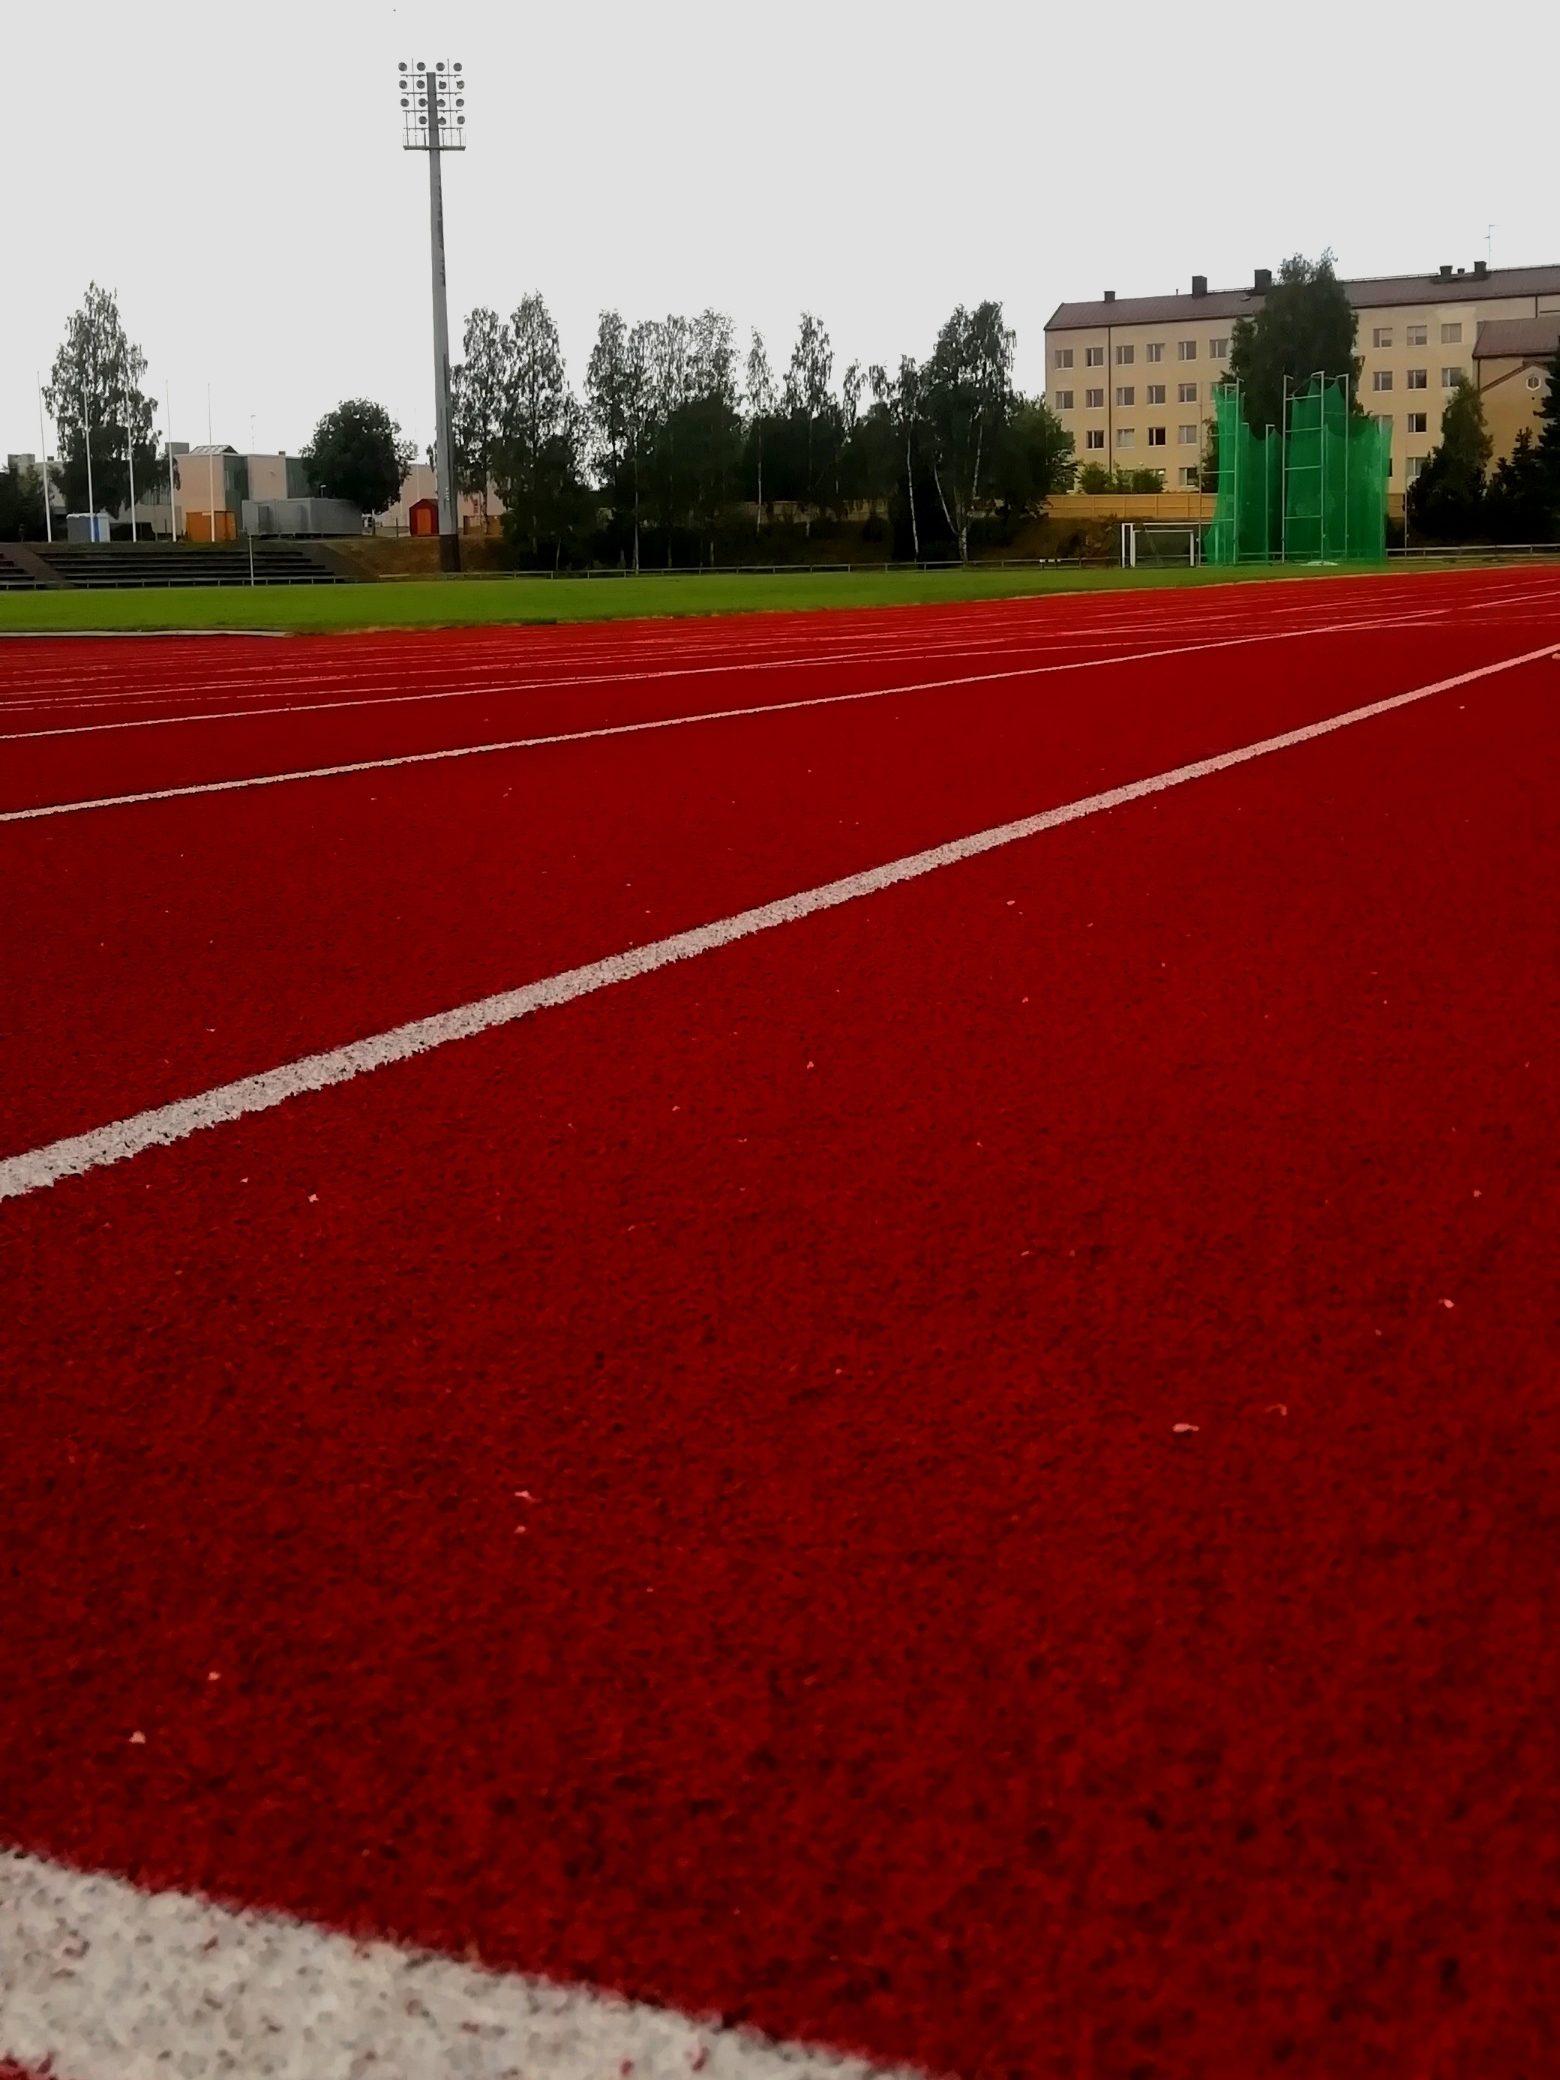 Urheilukentän juoksuradat